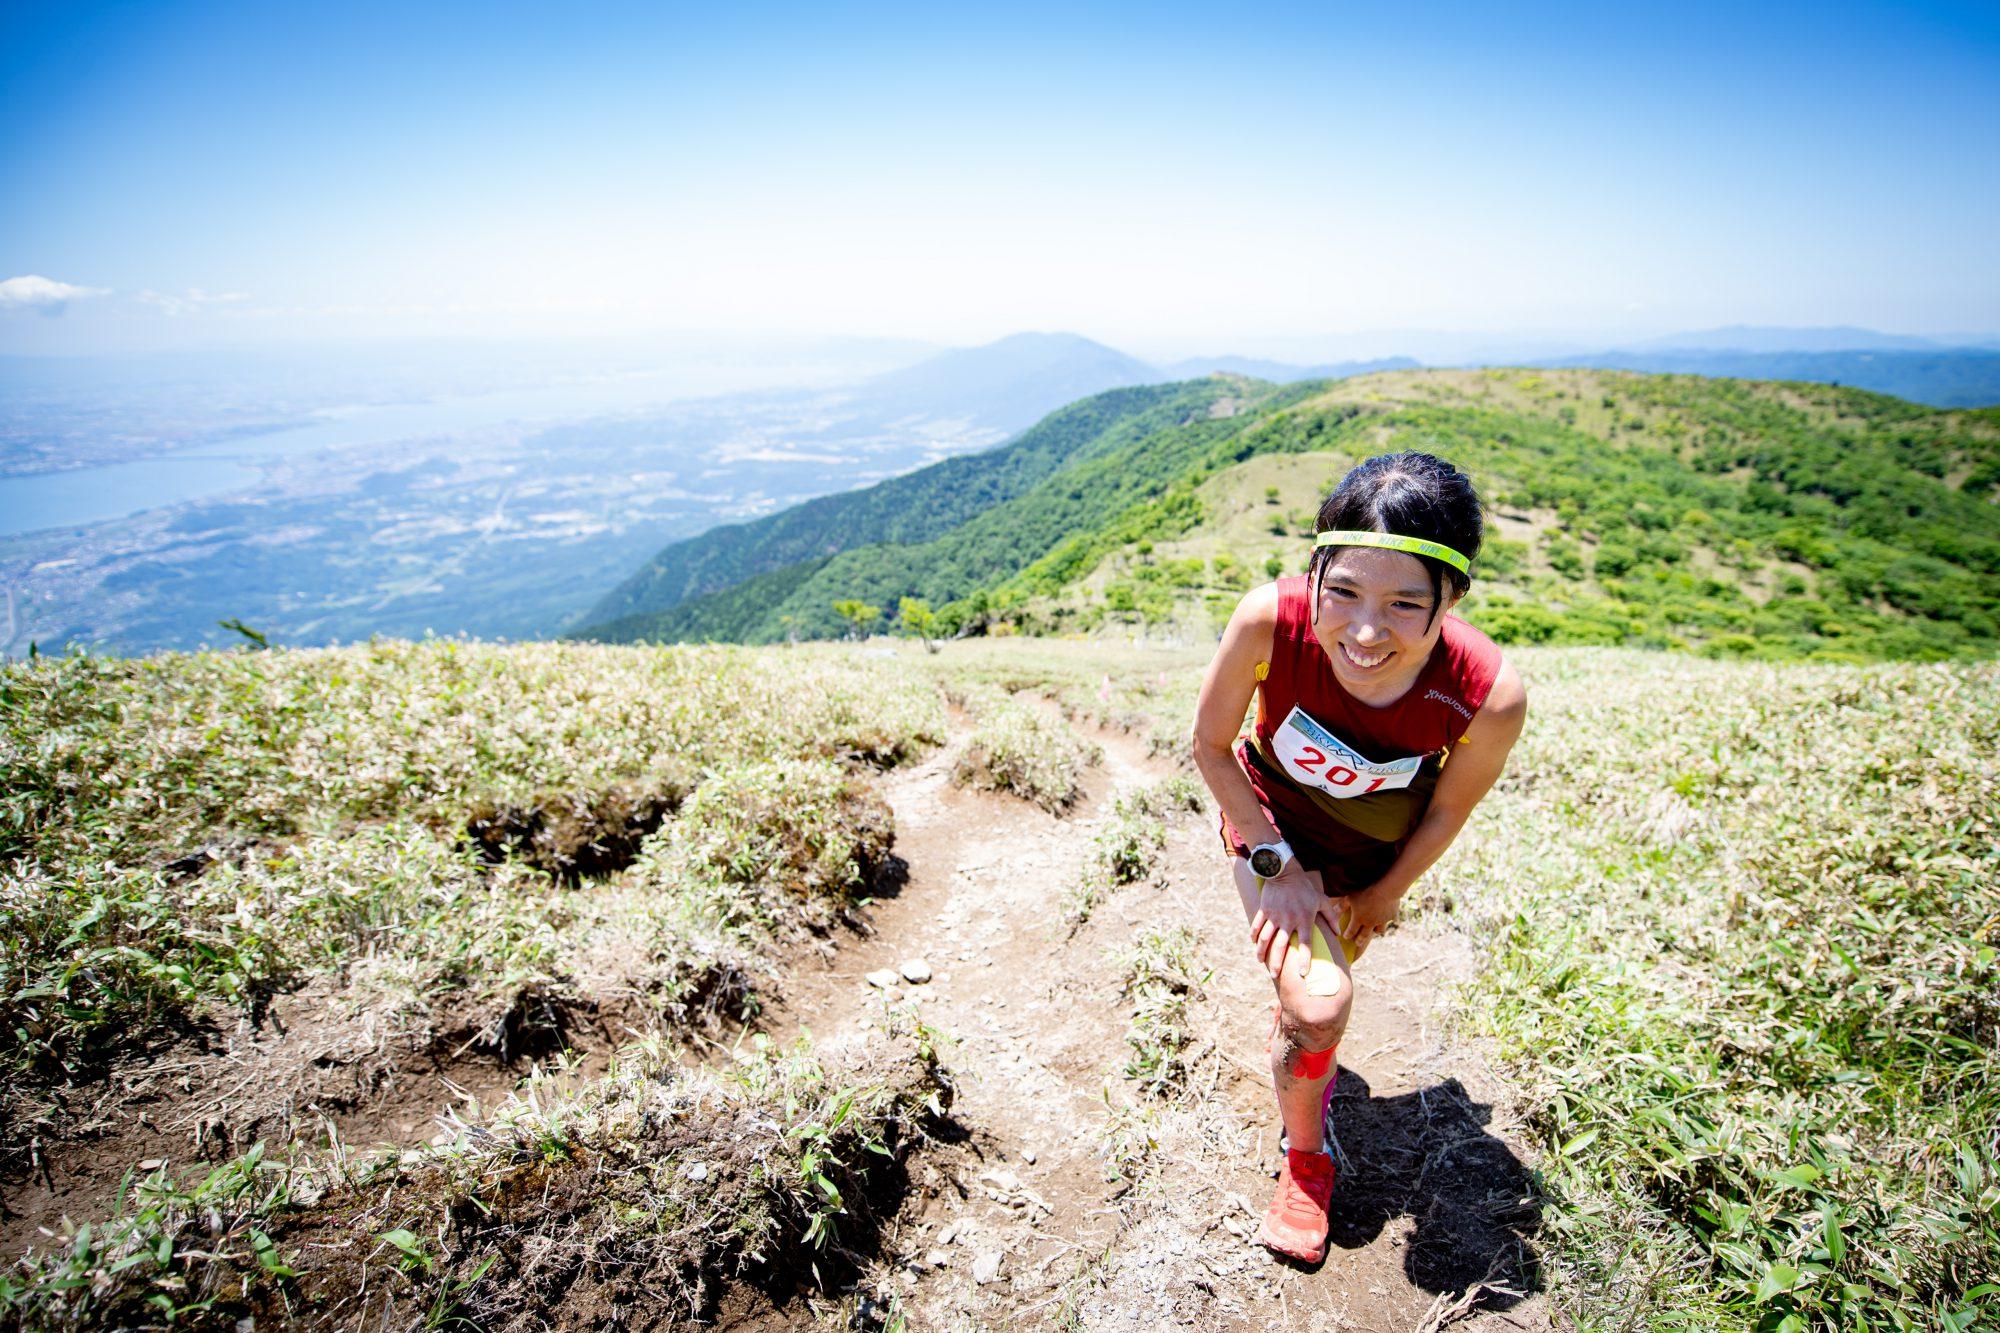 笑顔で駆け登る余裕を見せた高村。びわ湖バレイスカイレースを連覇中 ©BIWAKO VALLEY SKYRACE・JSA・NAGI MUROFUSHI